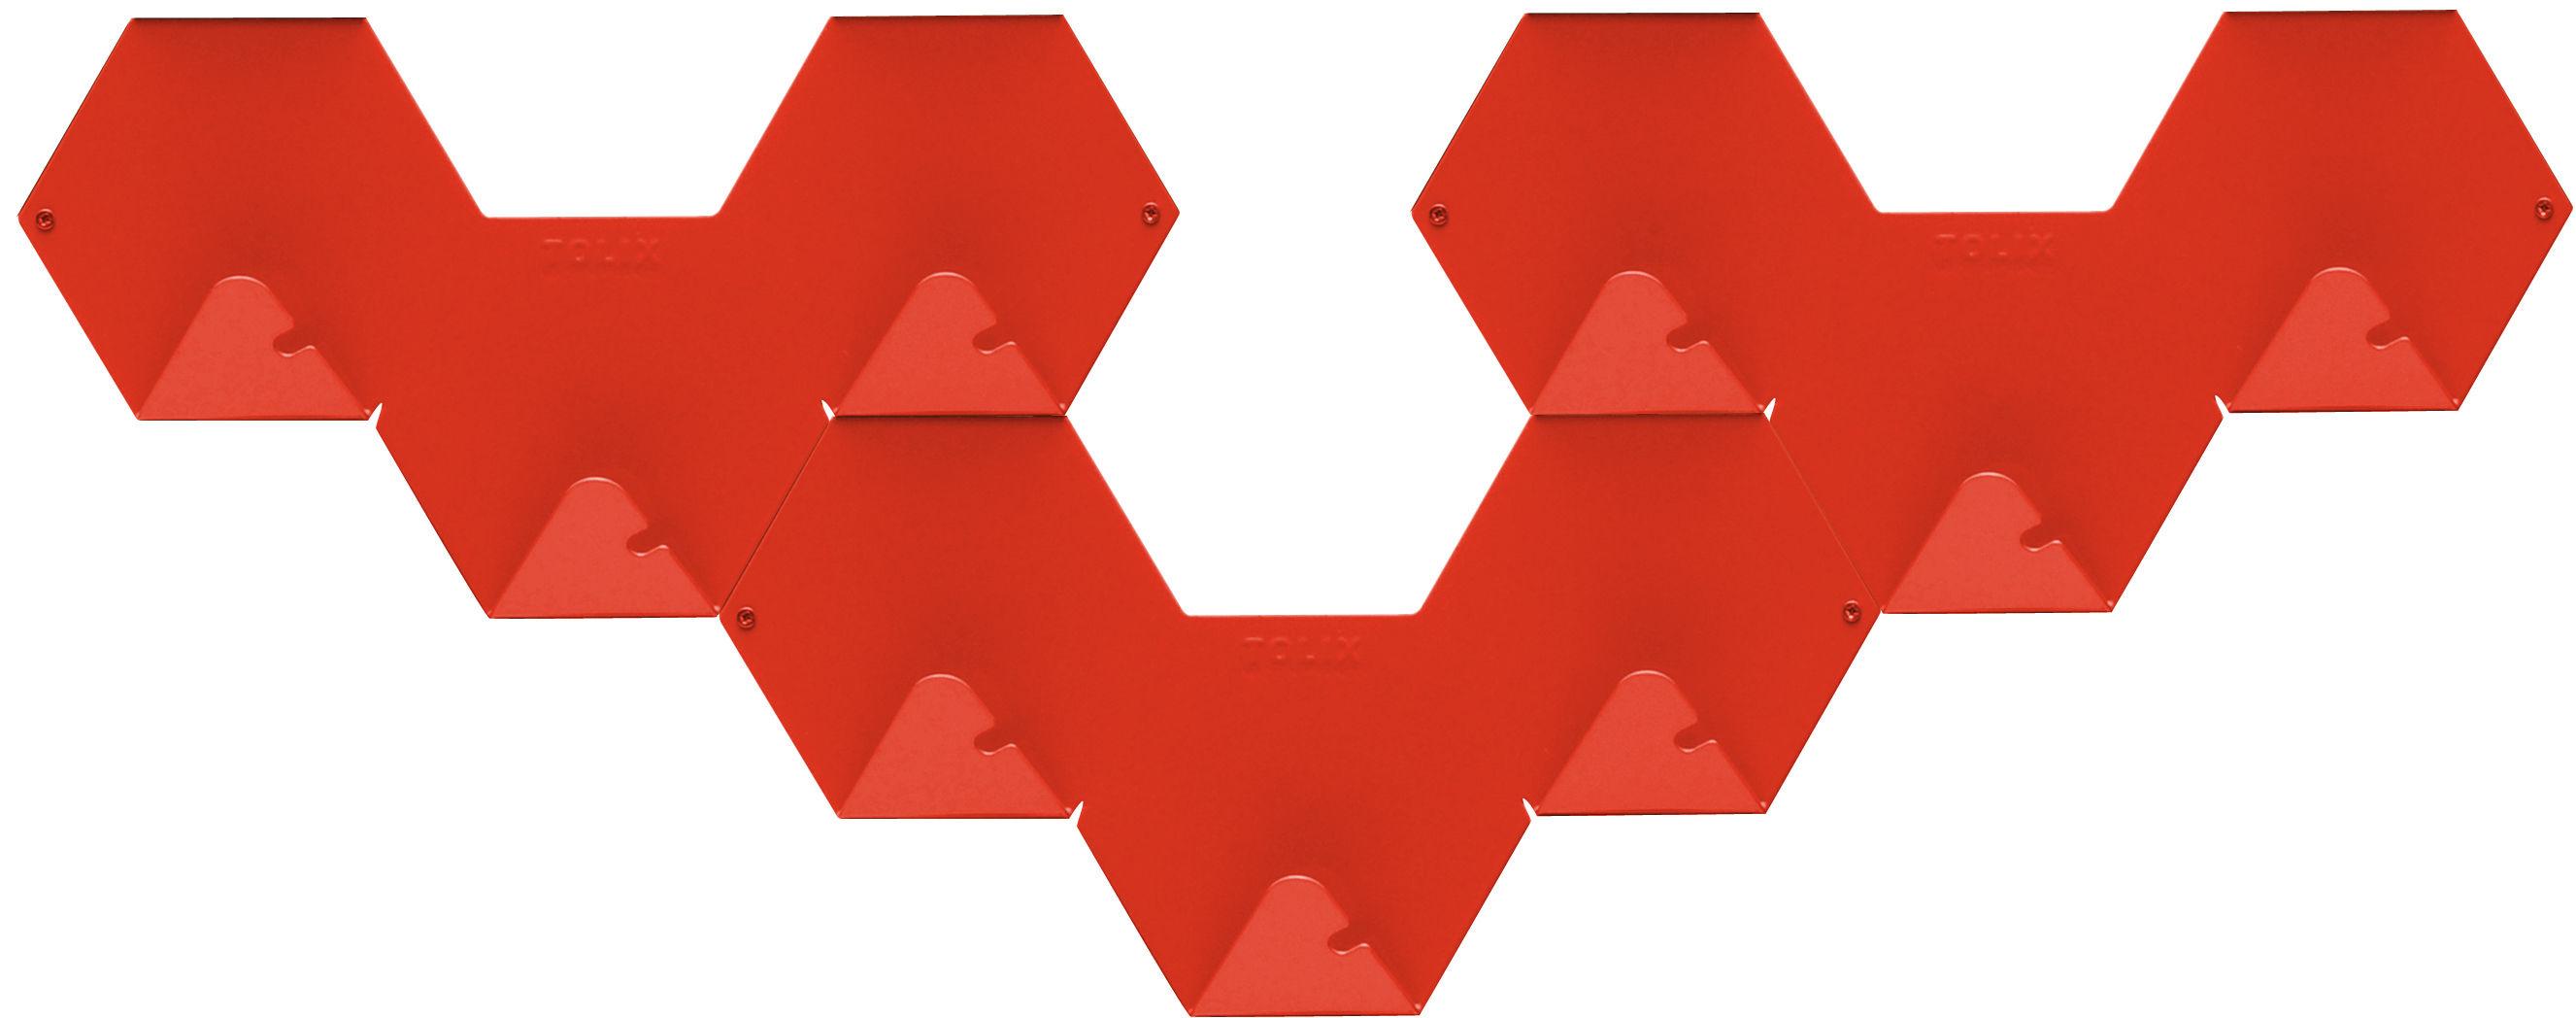 Möbel - Garderoben und Kleiderhaken - Simplex Wandhaken 3-er Set - Tolix - Rot - lackierter Stahl